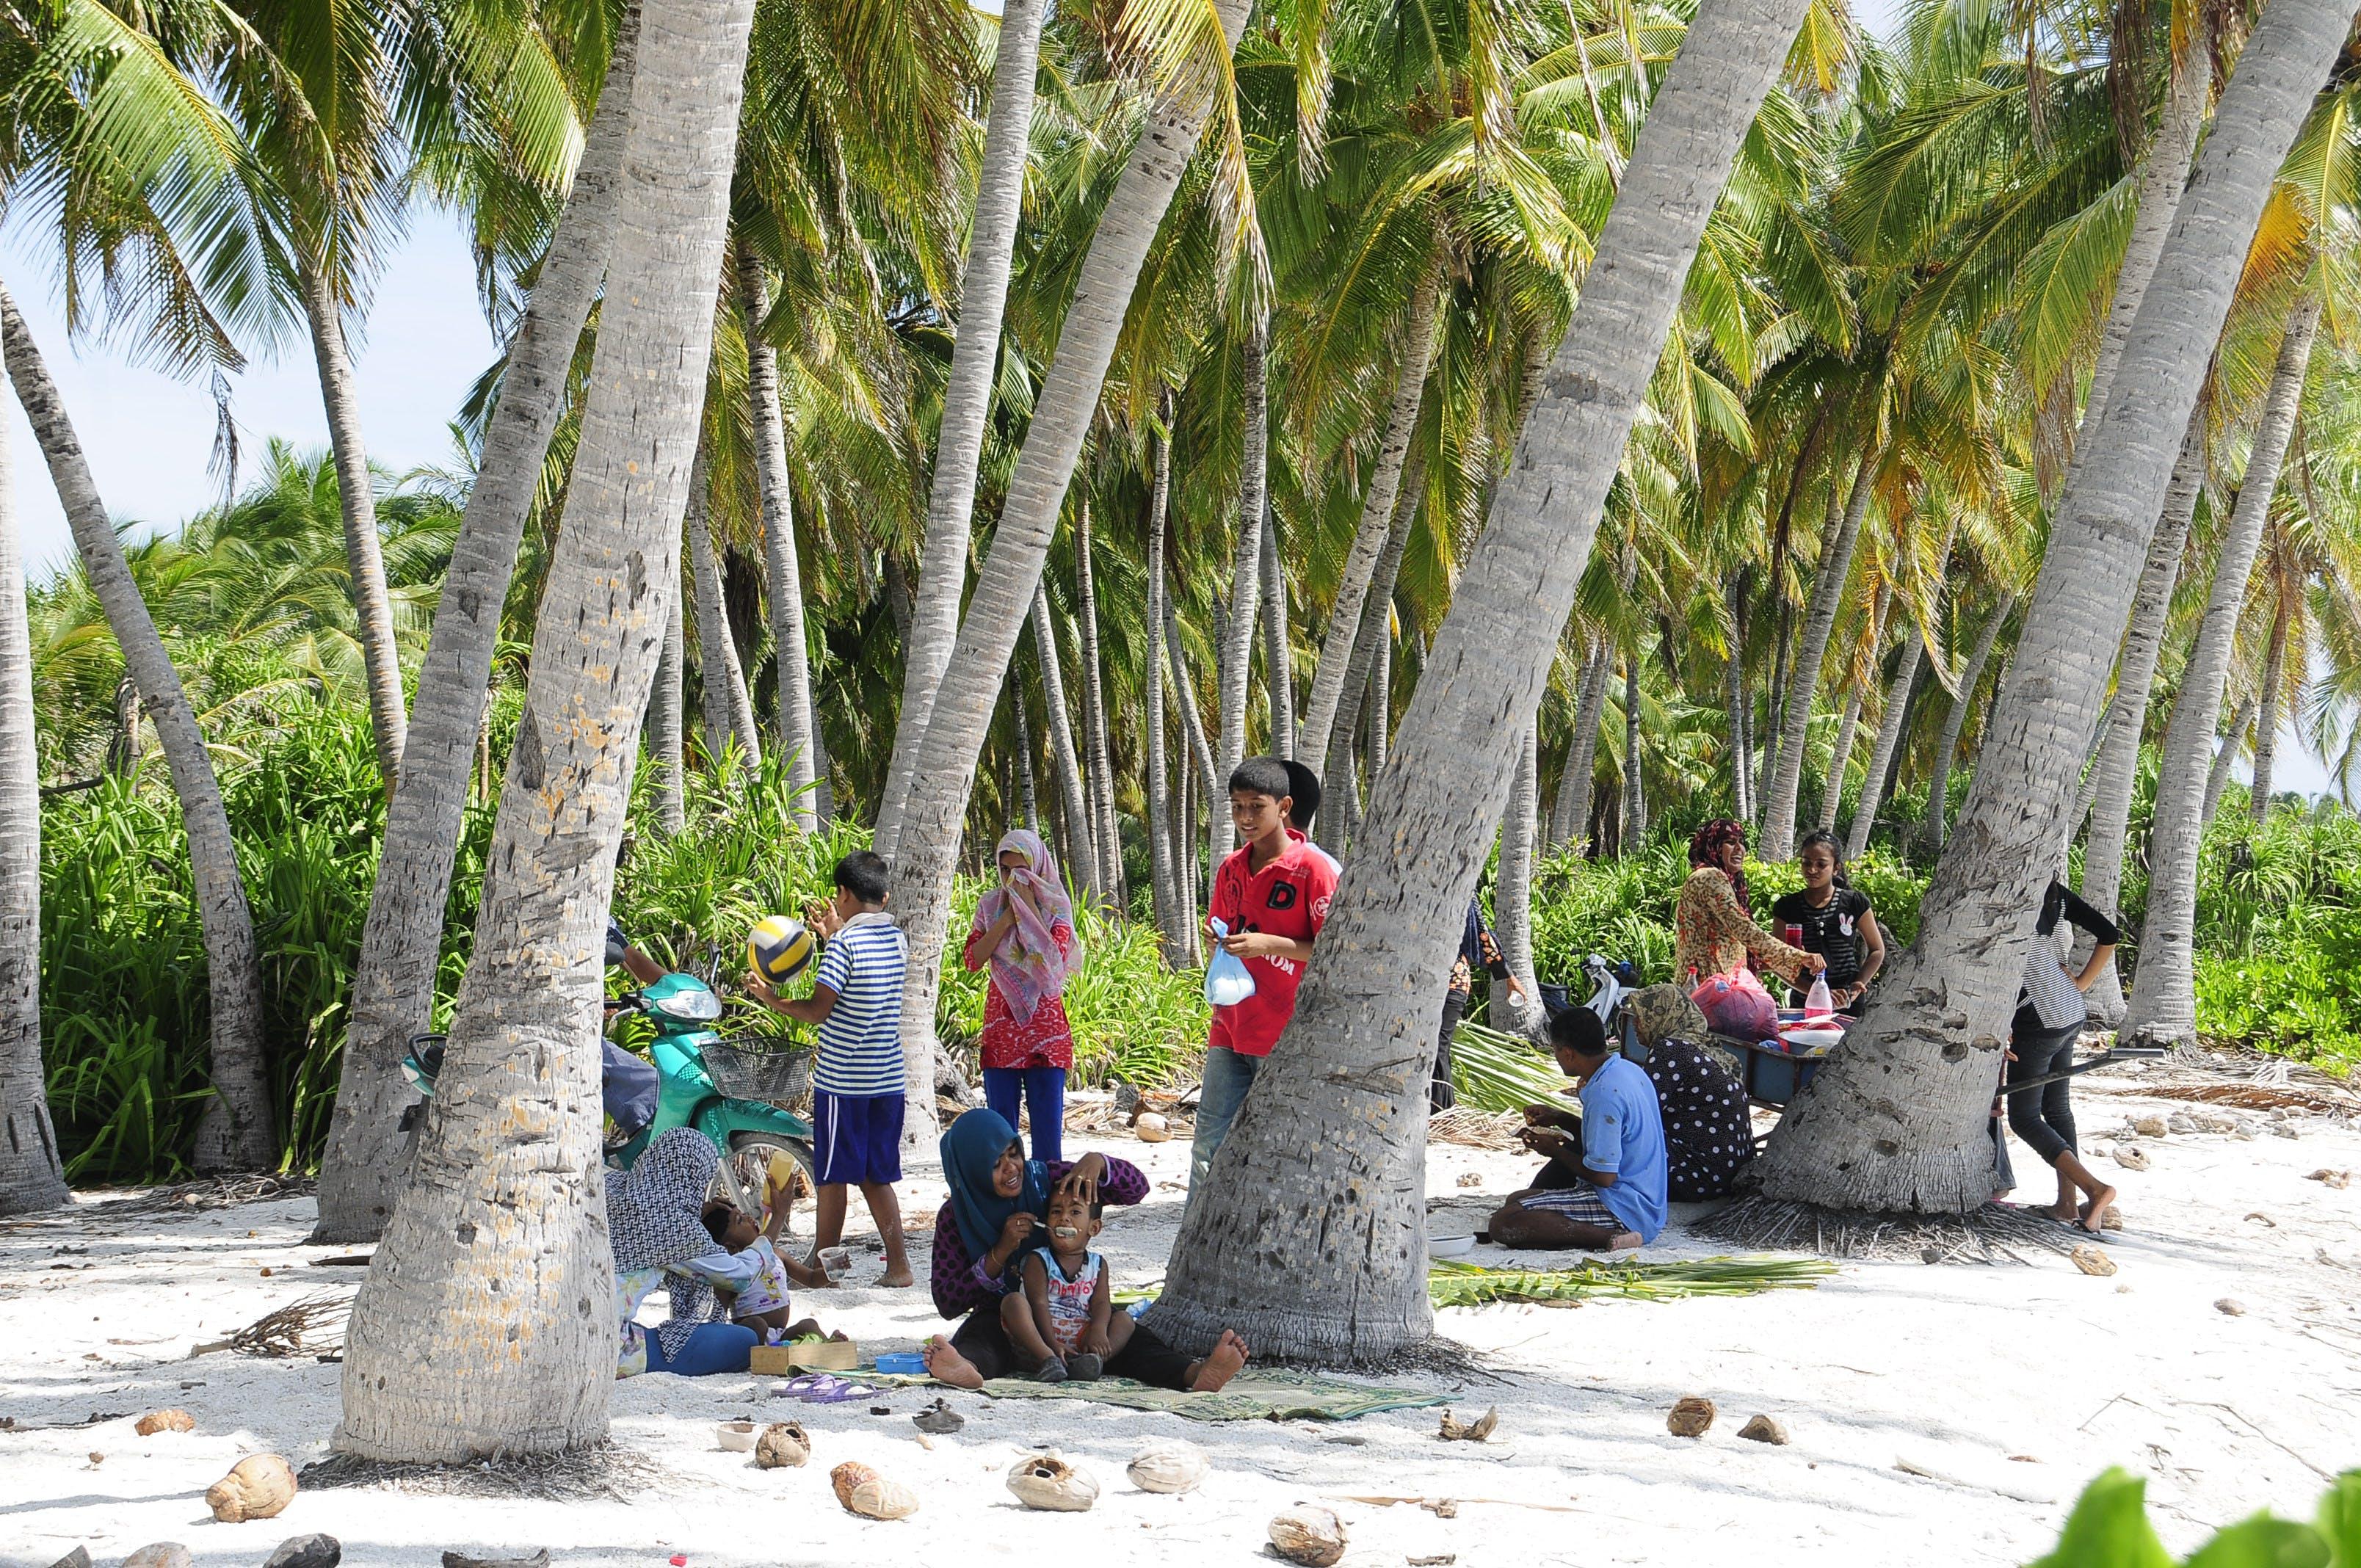 деревья, дети, кокосы